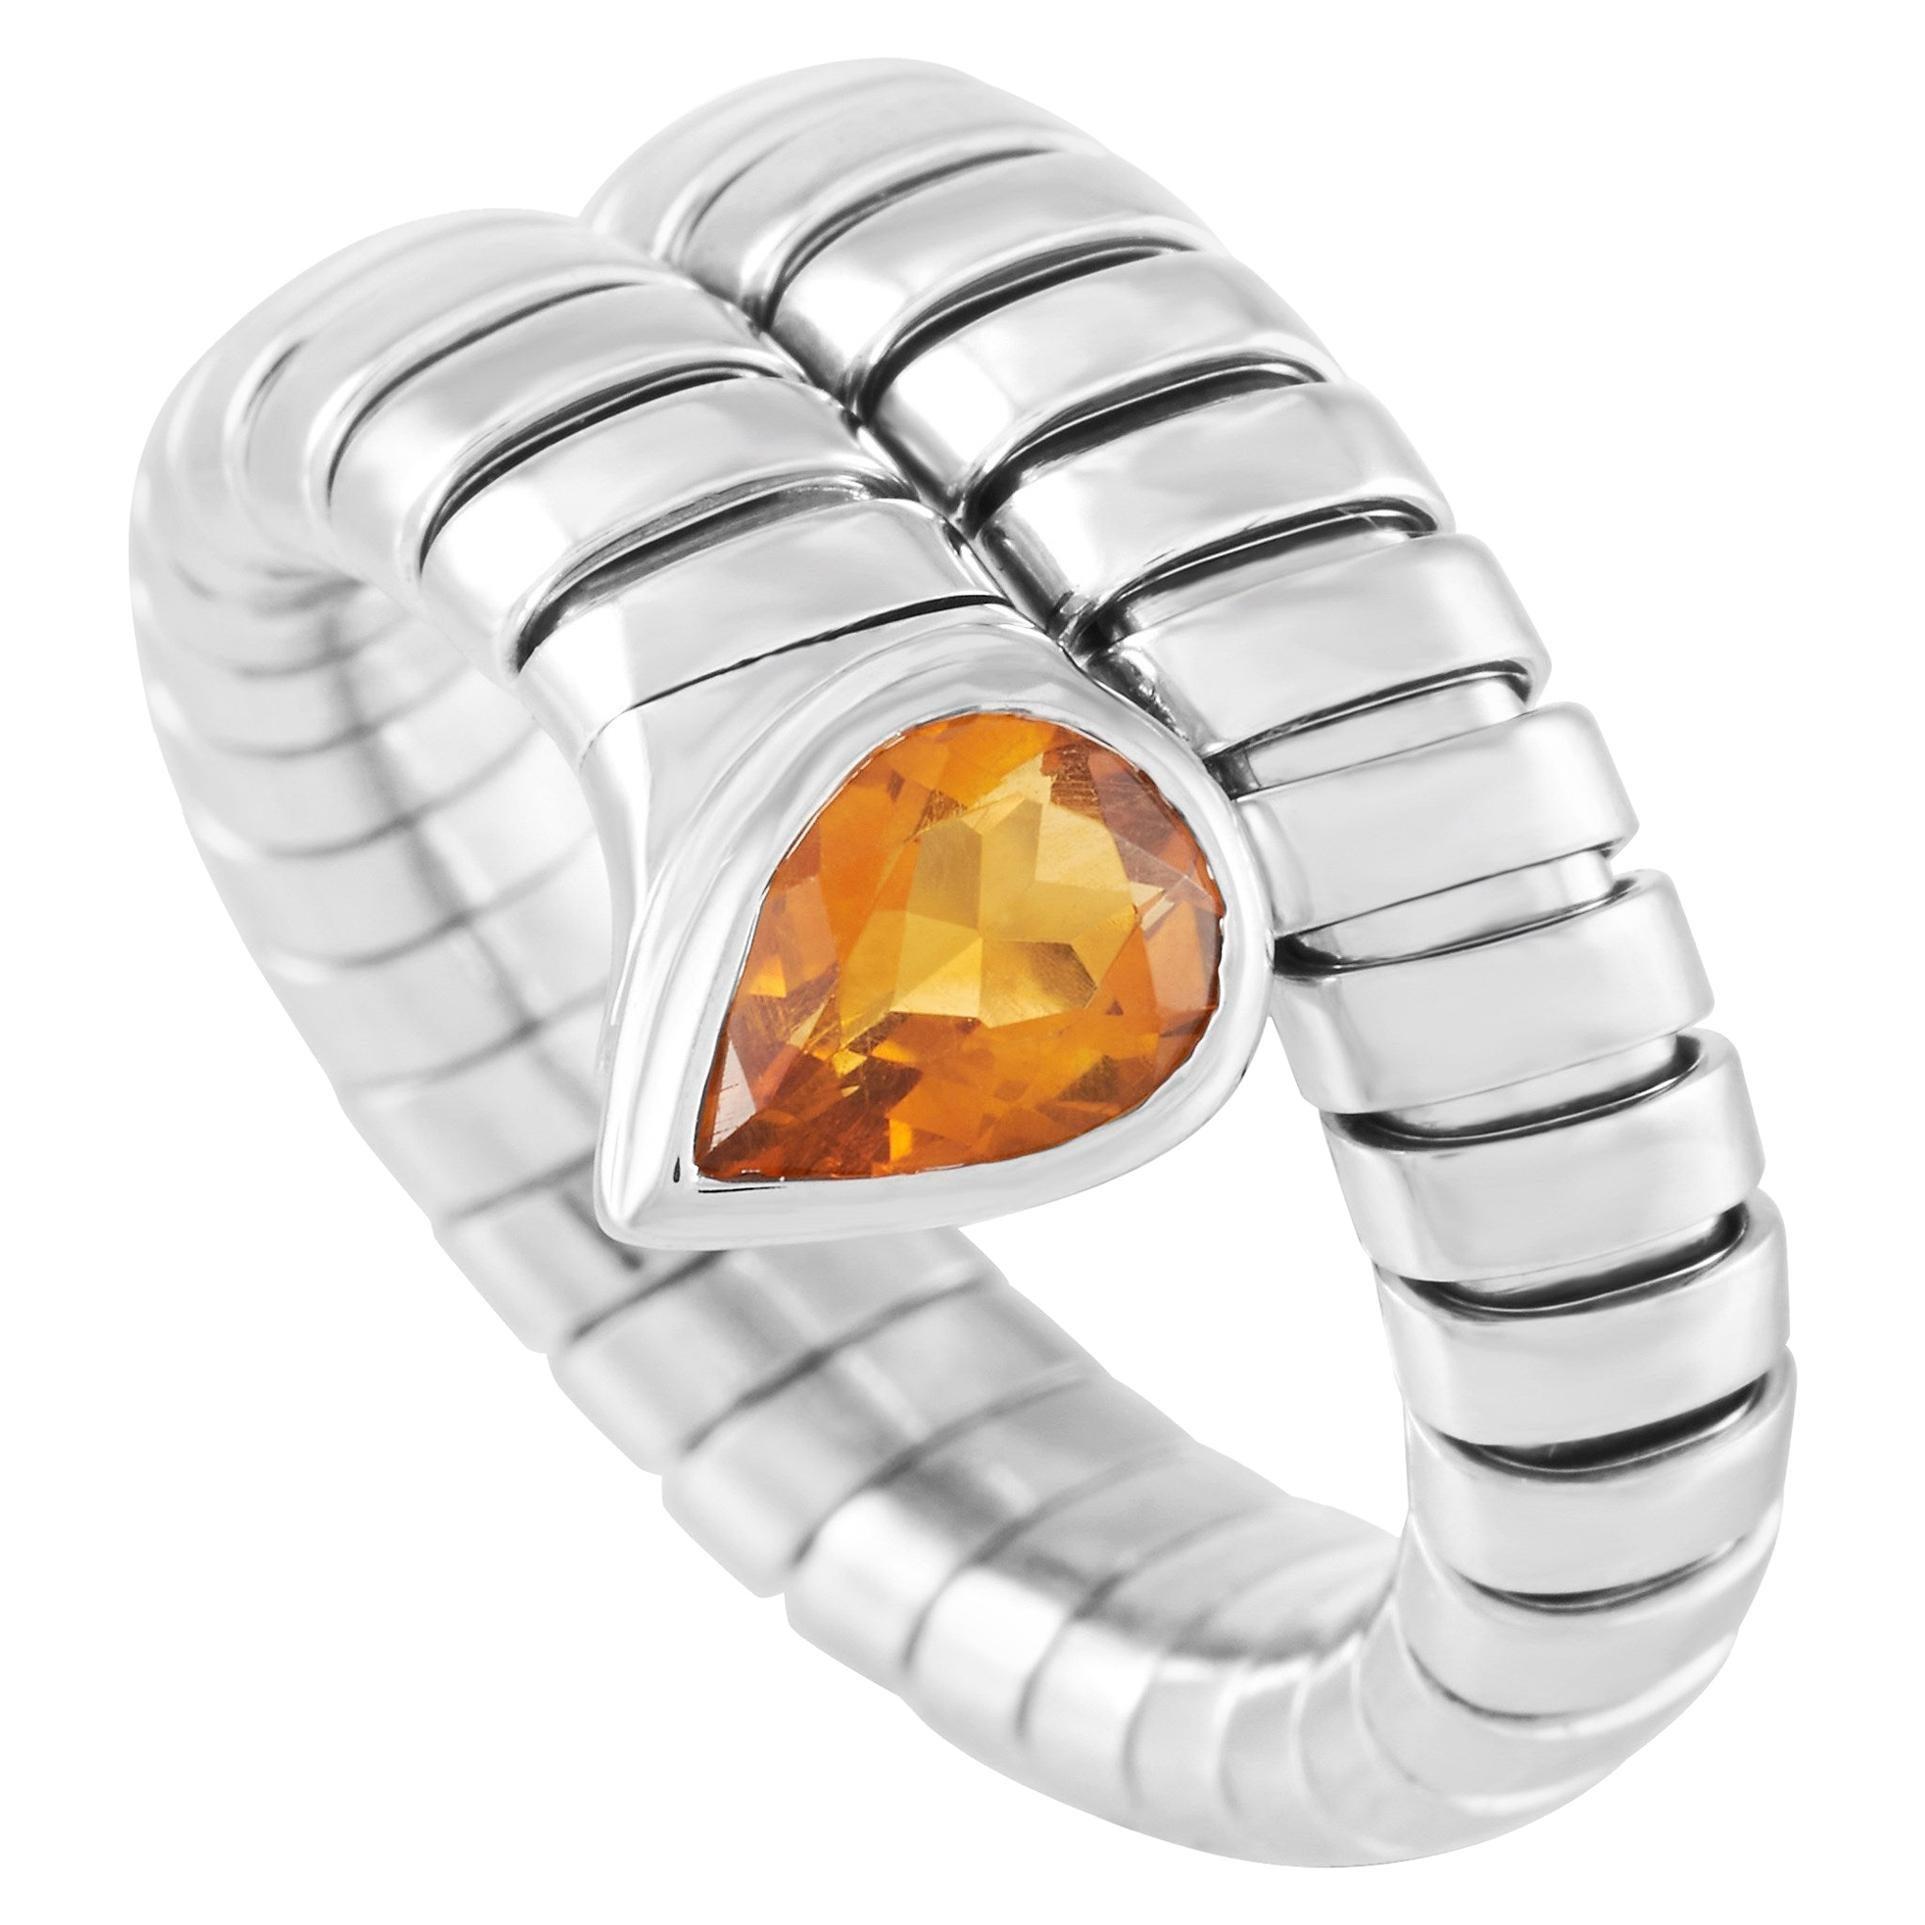 Bvlgari Serpenti Tubogas 18 Karat White Gold Citrine Ring